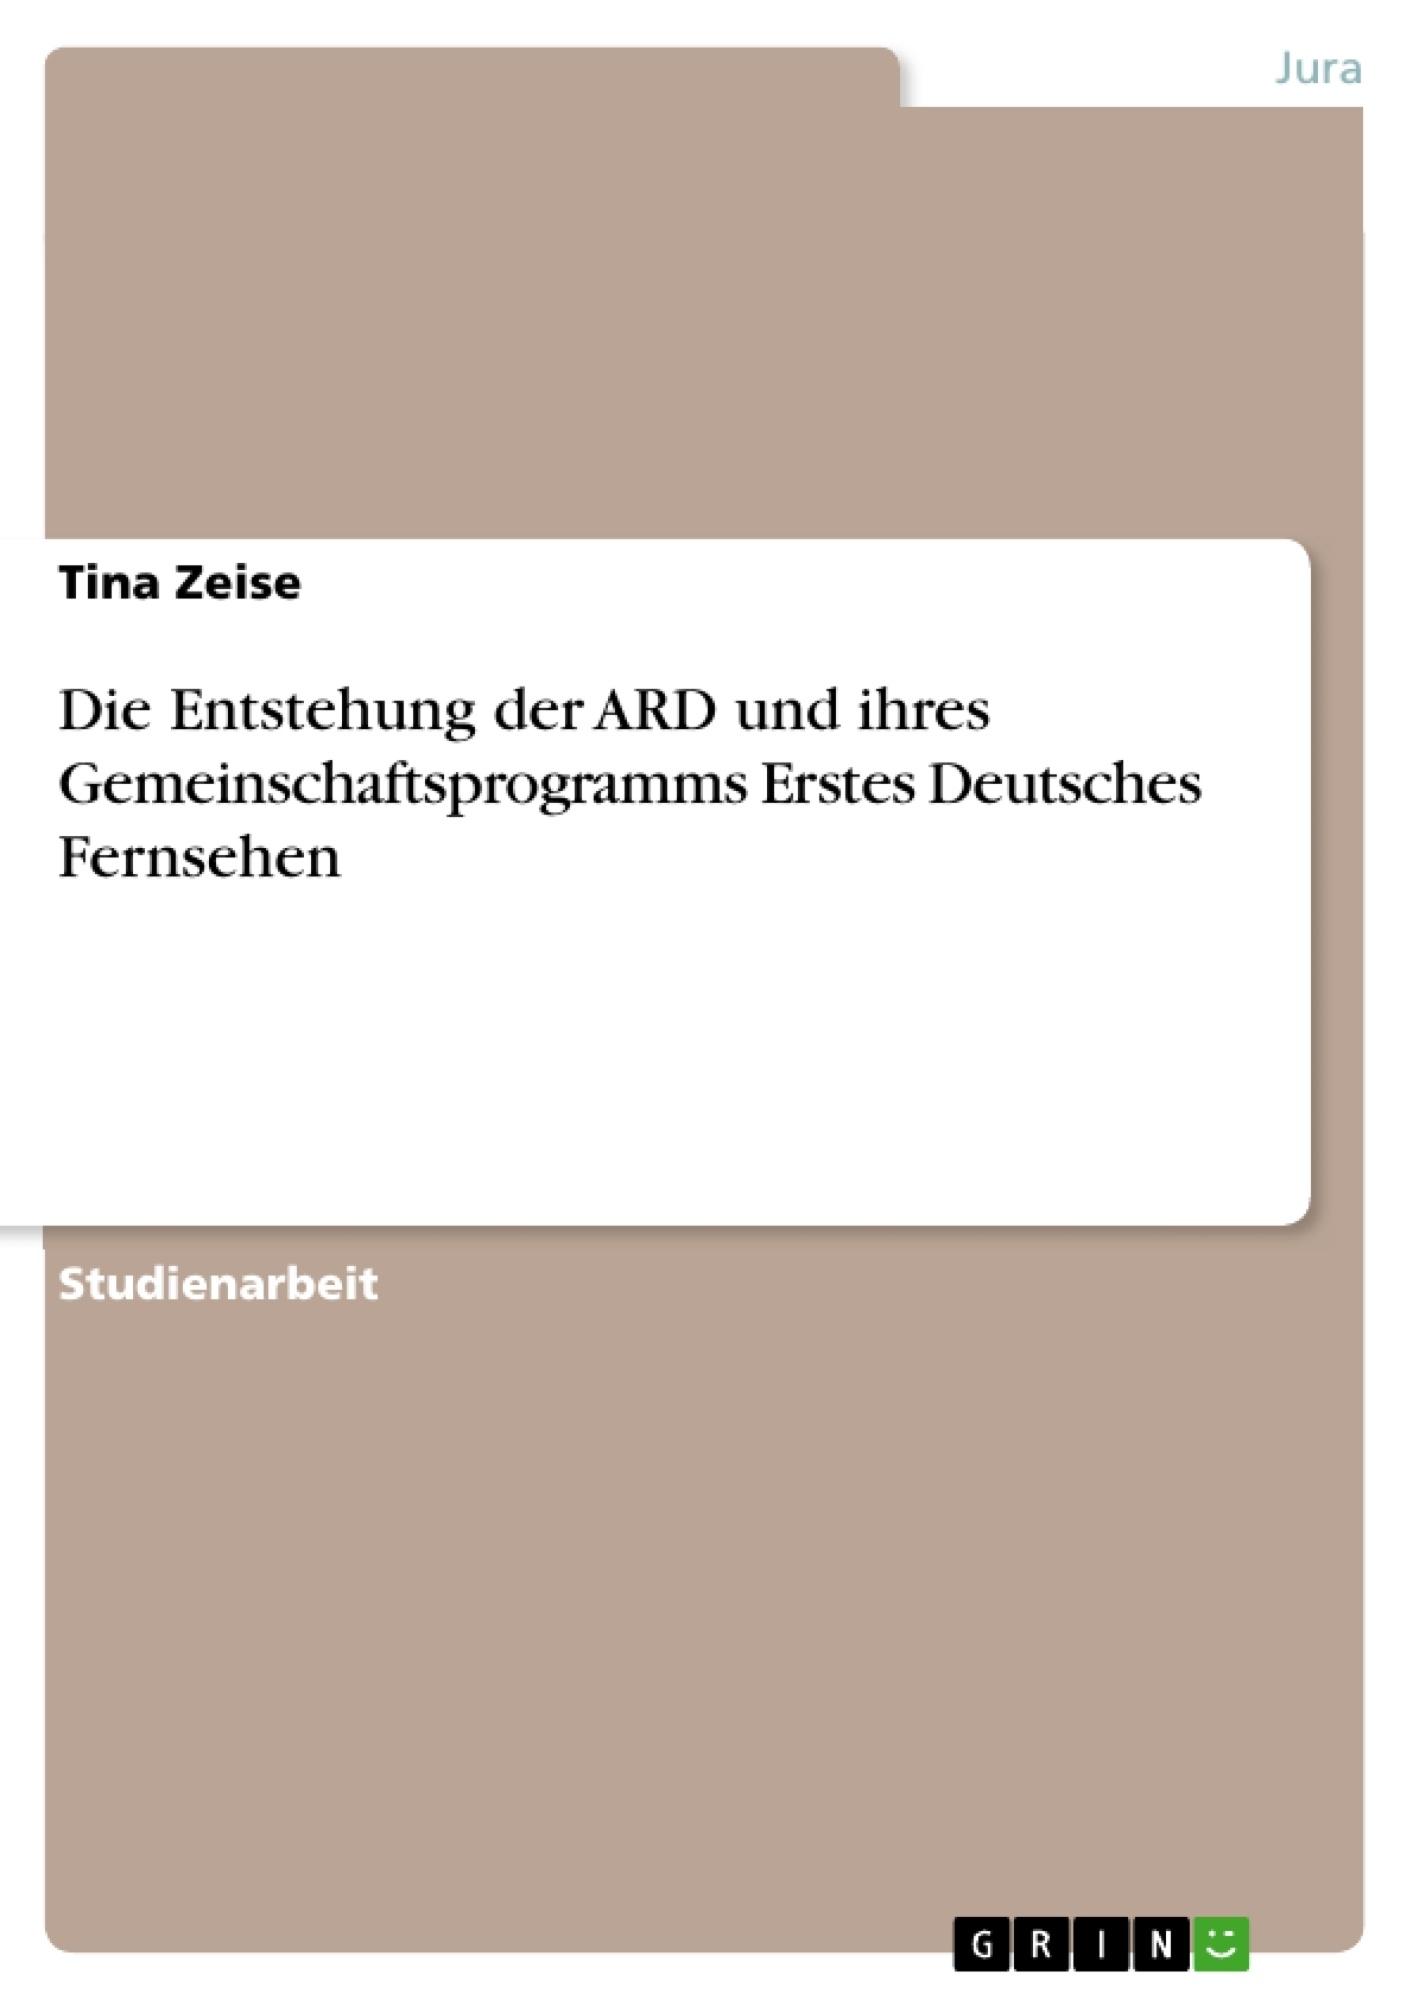 Titel: Die Entstehung der ARD und ihres Gemeinschaftsprogramms Erstes Deutsches Fernsehen